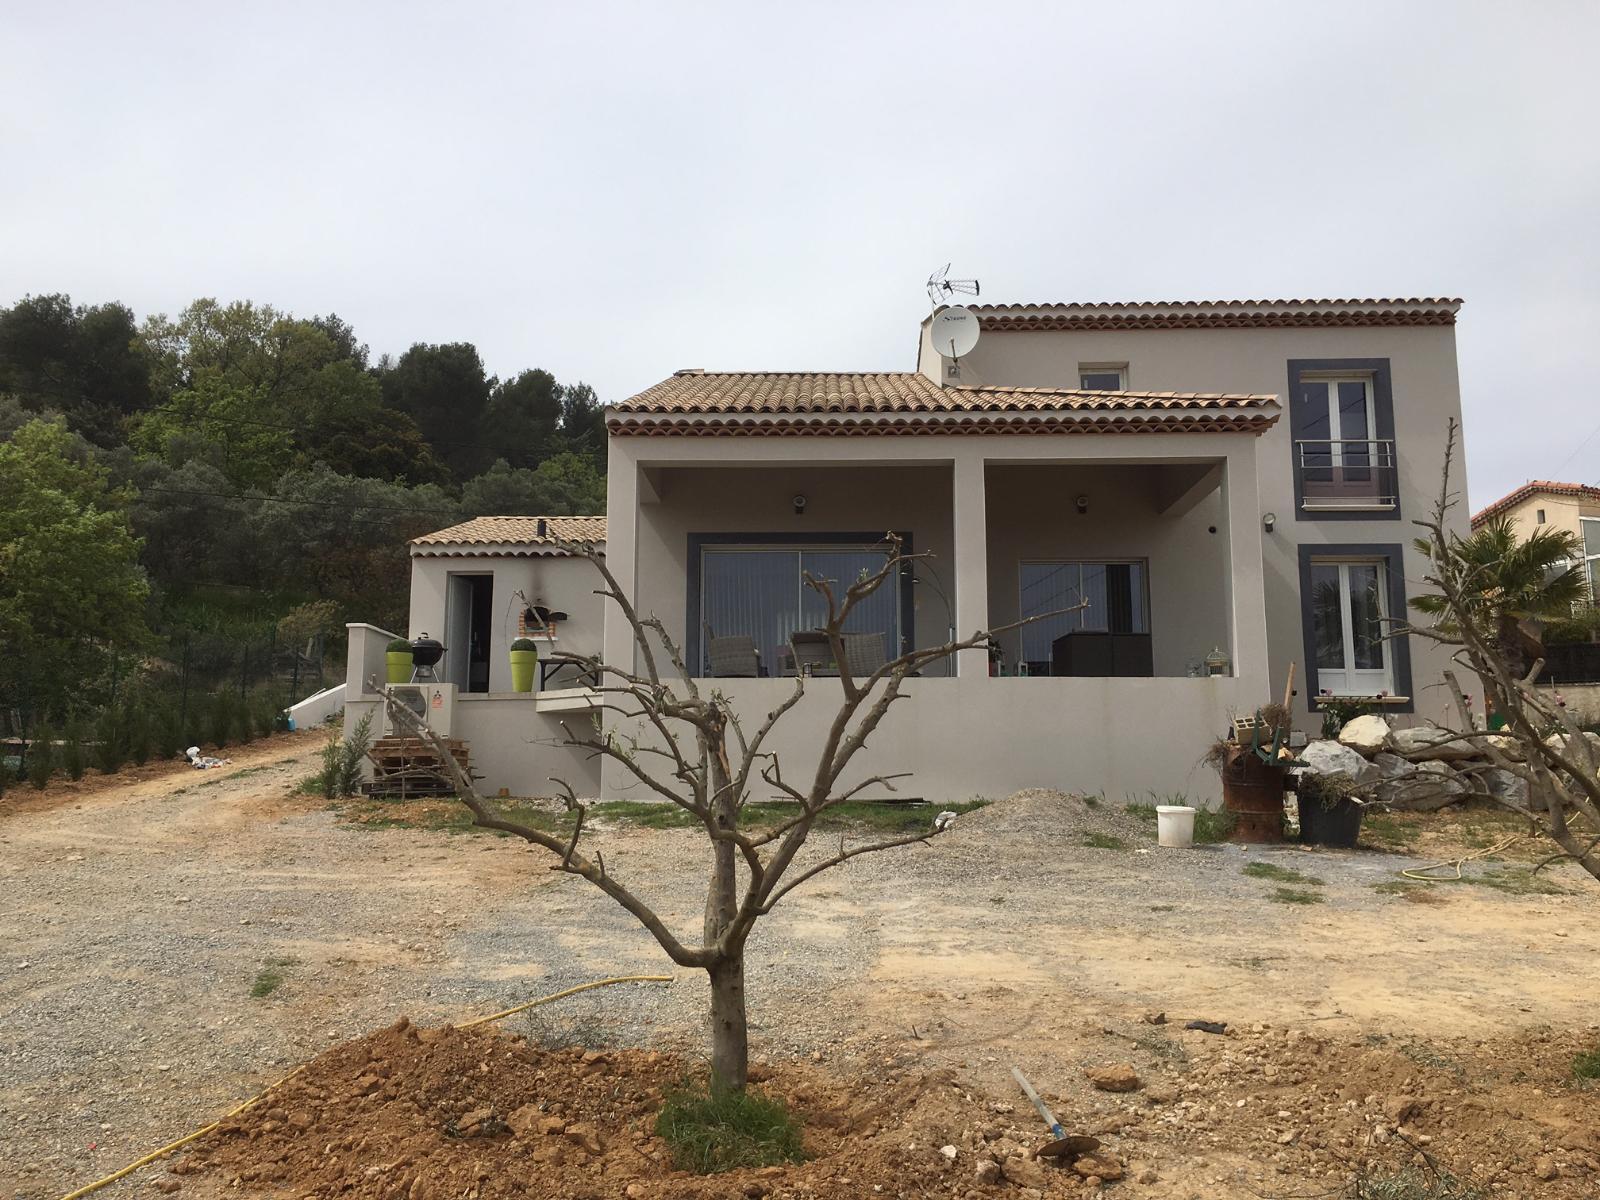 Yilmaz constructions